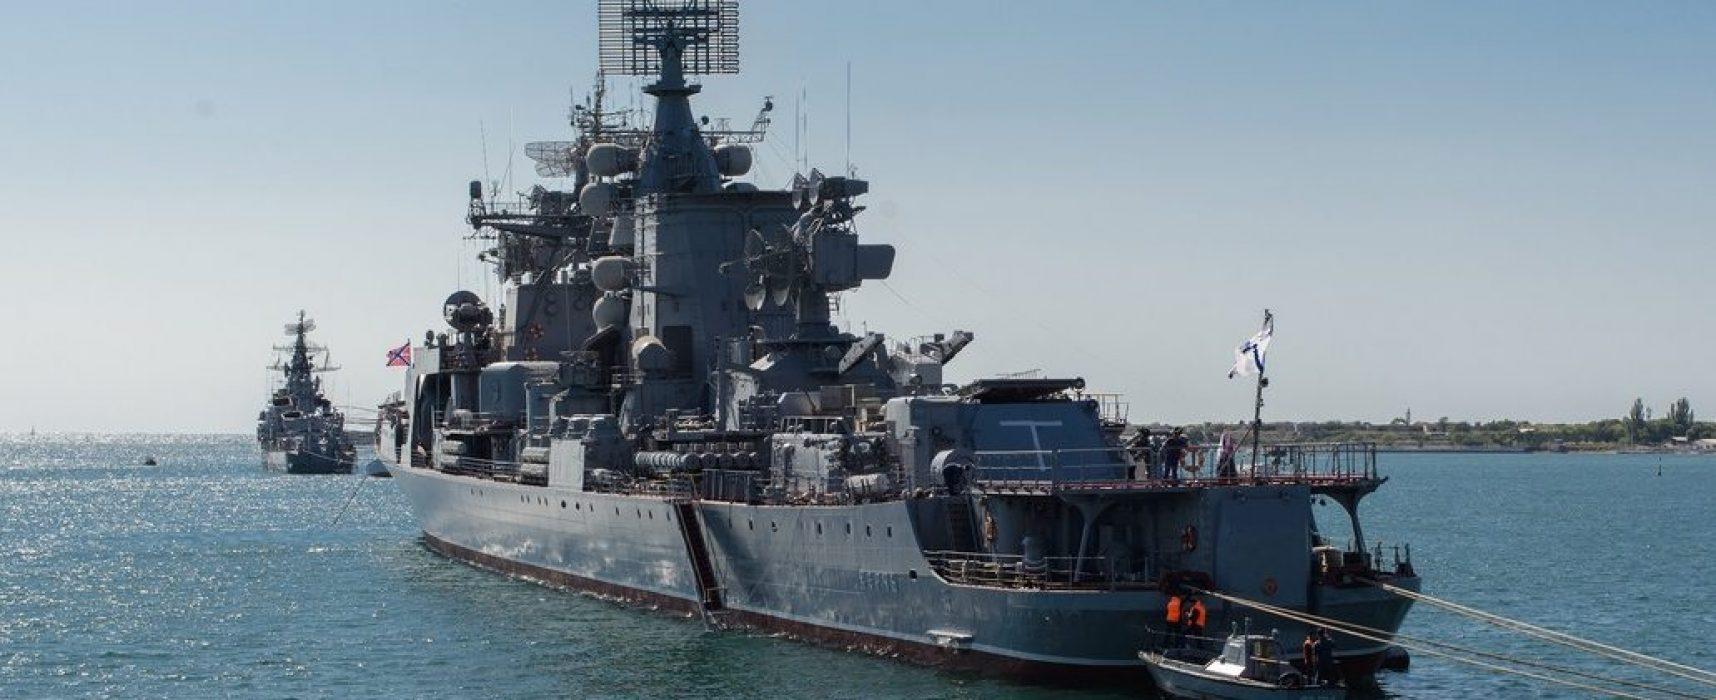 Pátý rok konfliktu Ruska s Ukrajinou: Válka se přesouvá na moře, Kyjev chce podporu Západu